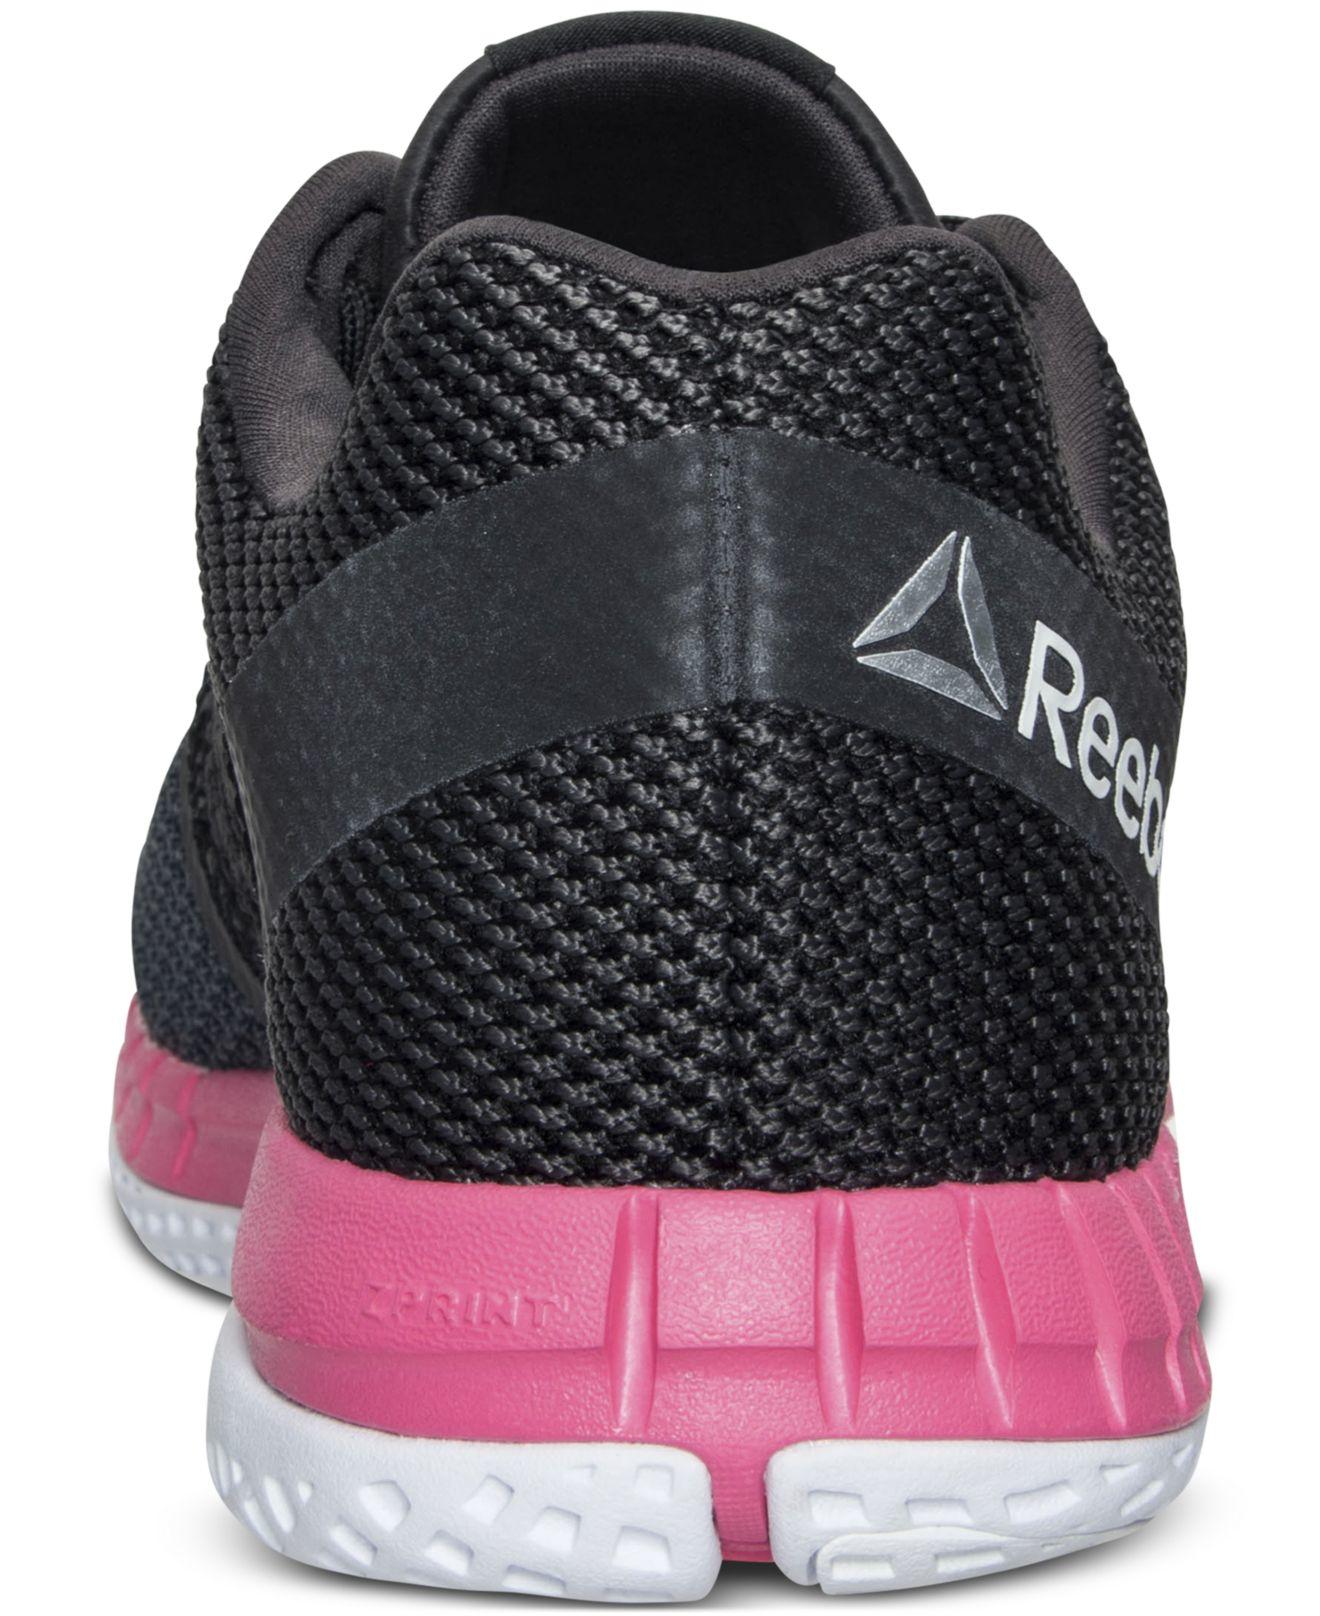 899fdbdfee8 Lyst - Reebok Women s Zprint Running Sneakers From Finish Line in Black